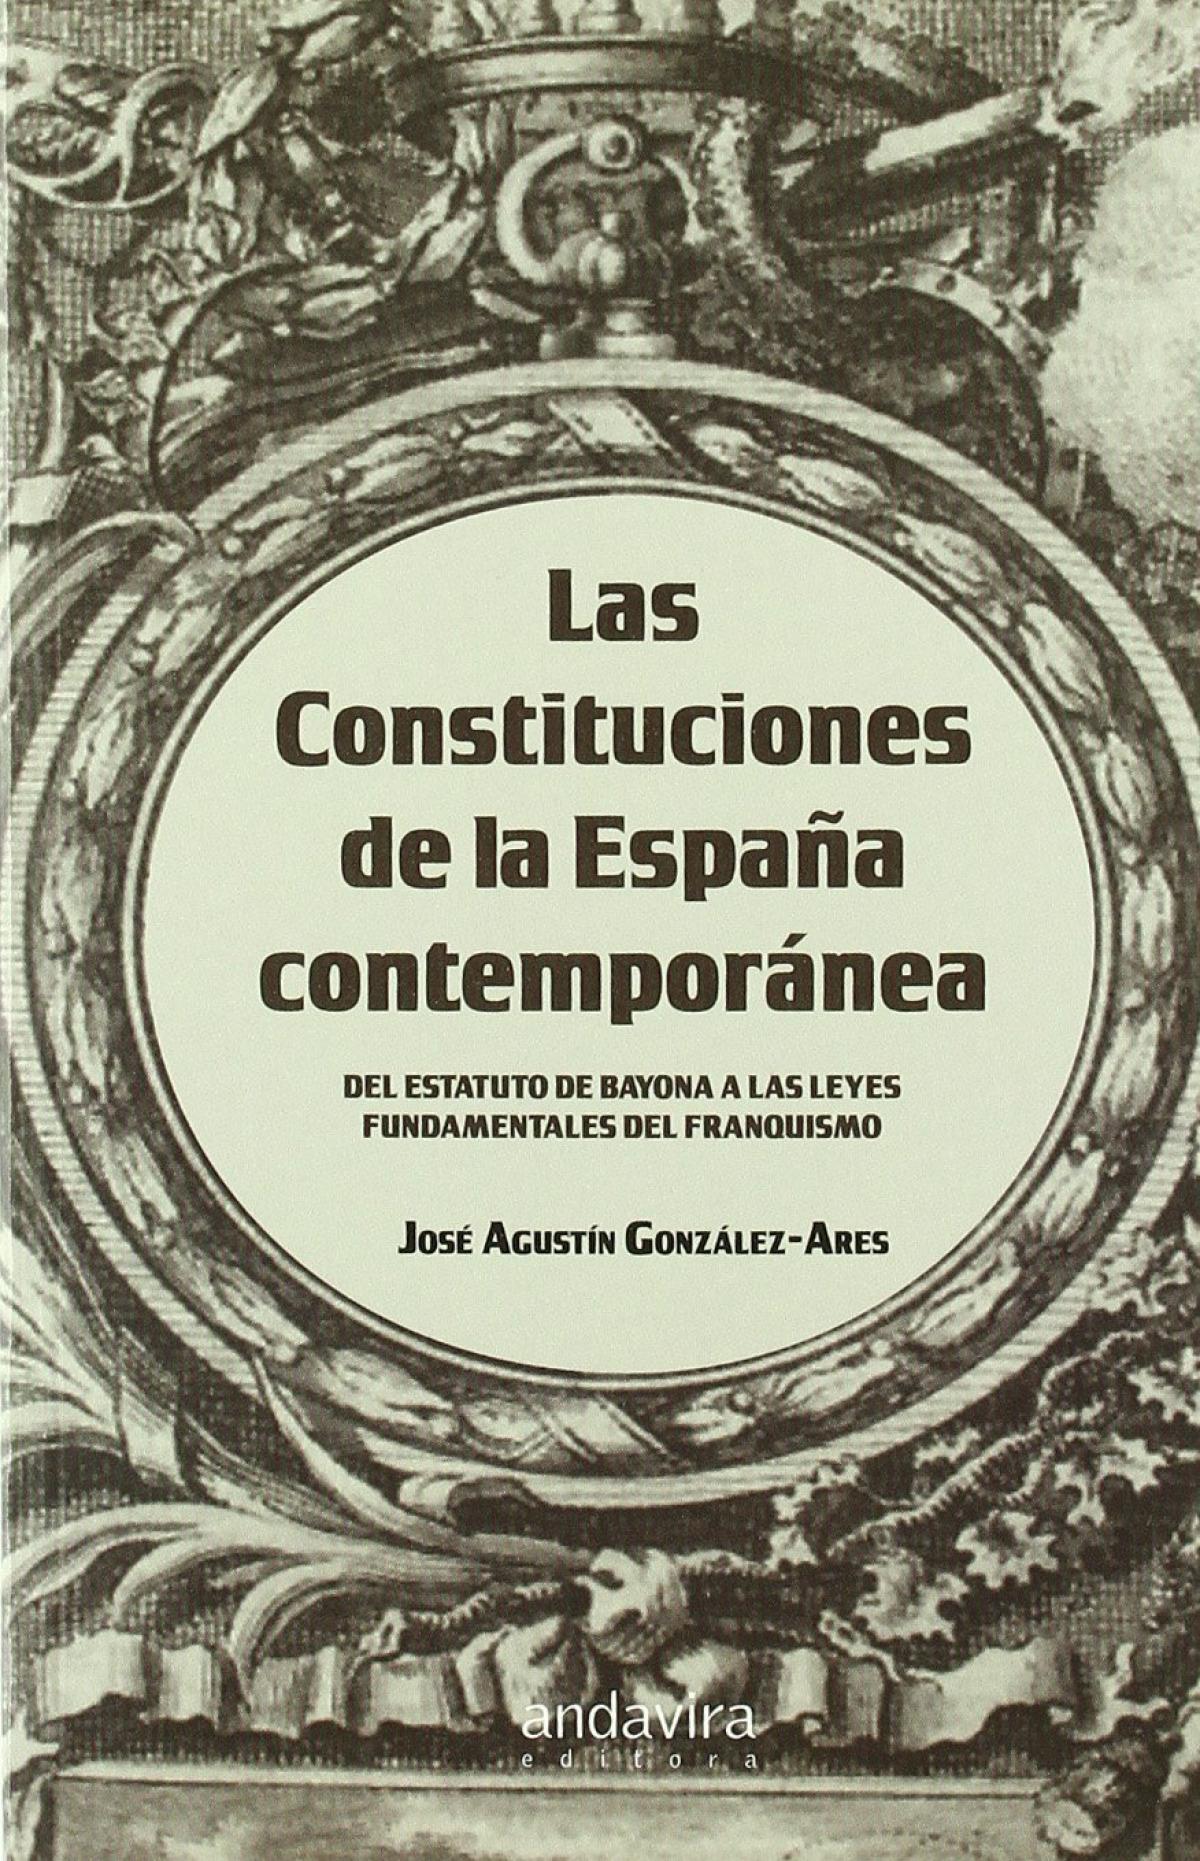 Las constituciones de la Espa¤a contemporanea